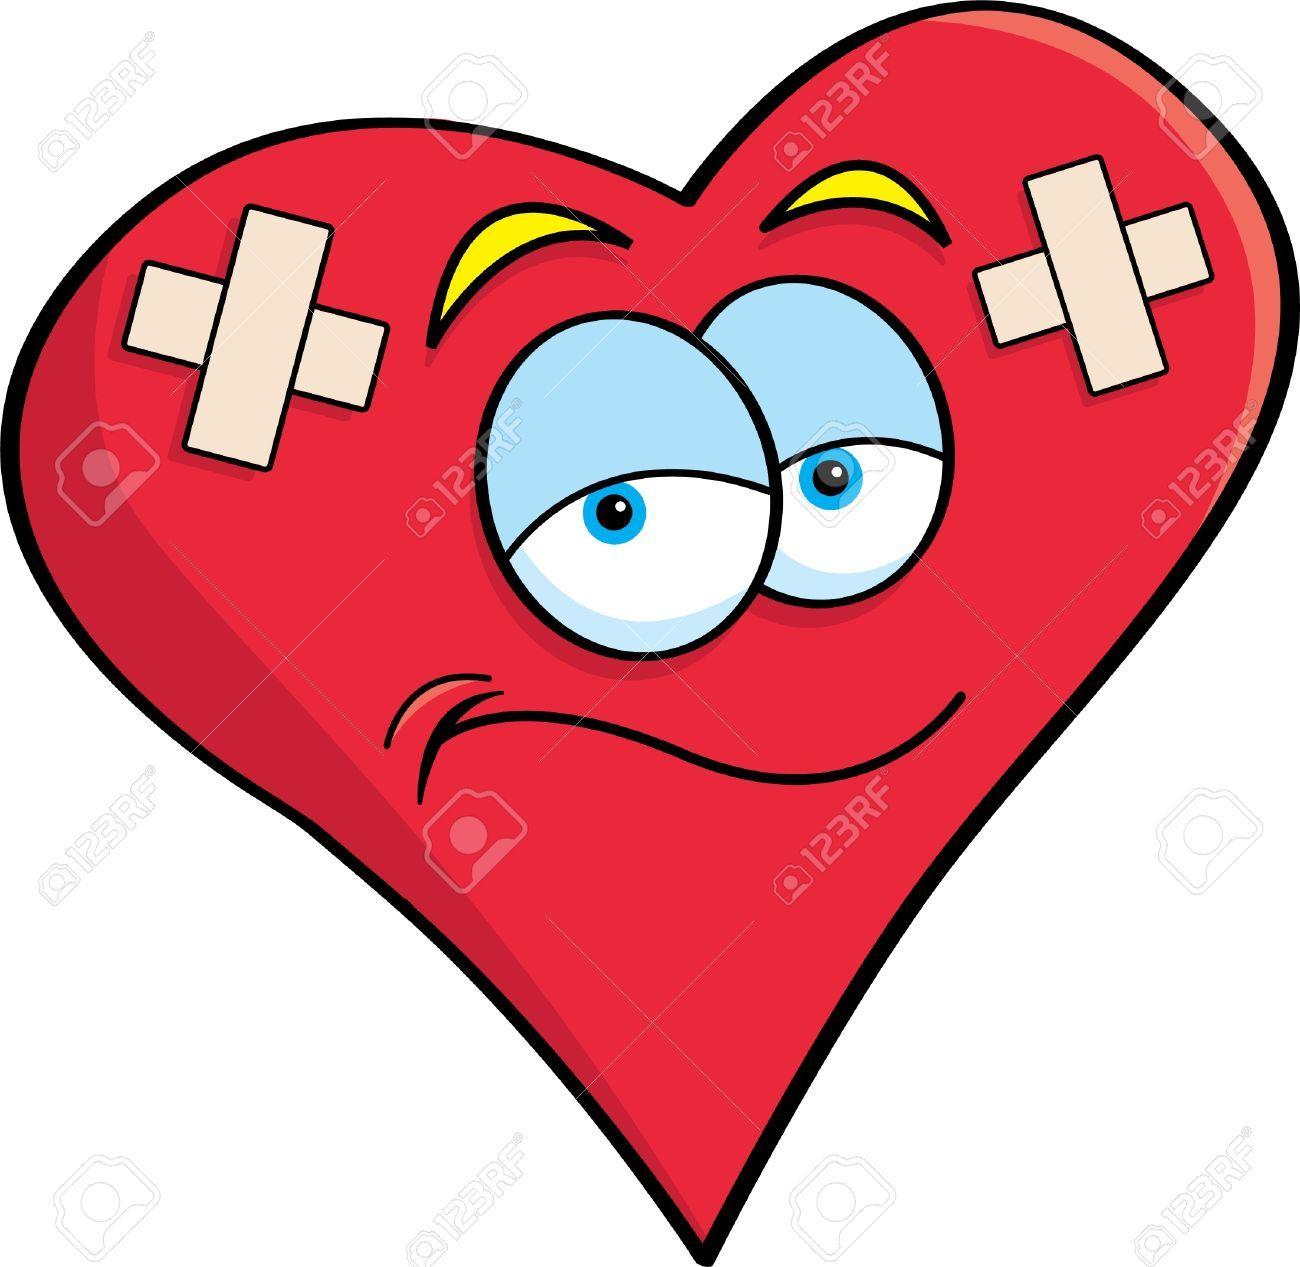 Sick heart clipart 6 » Clipart Portal.